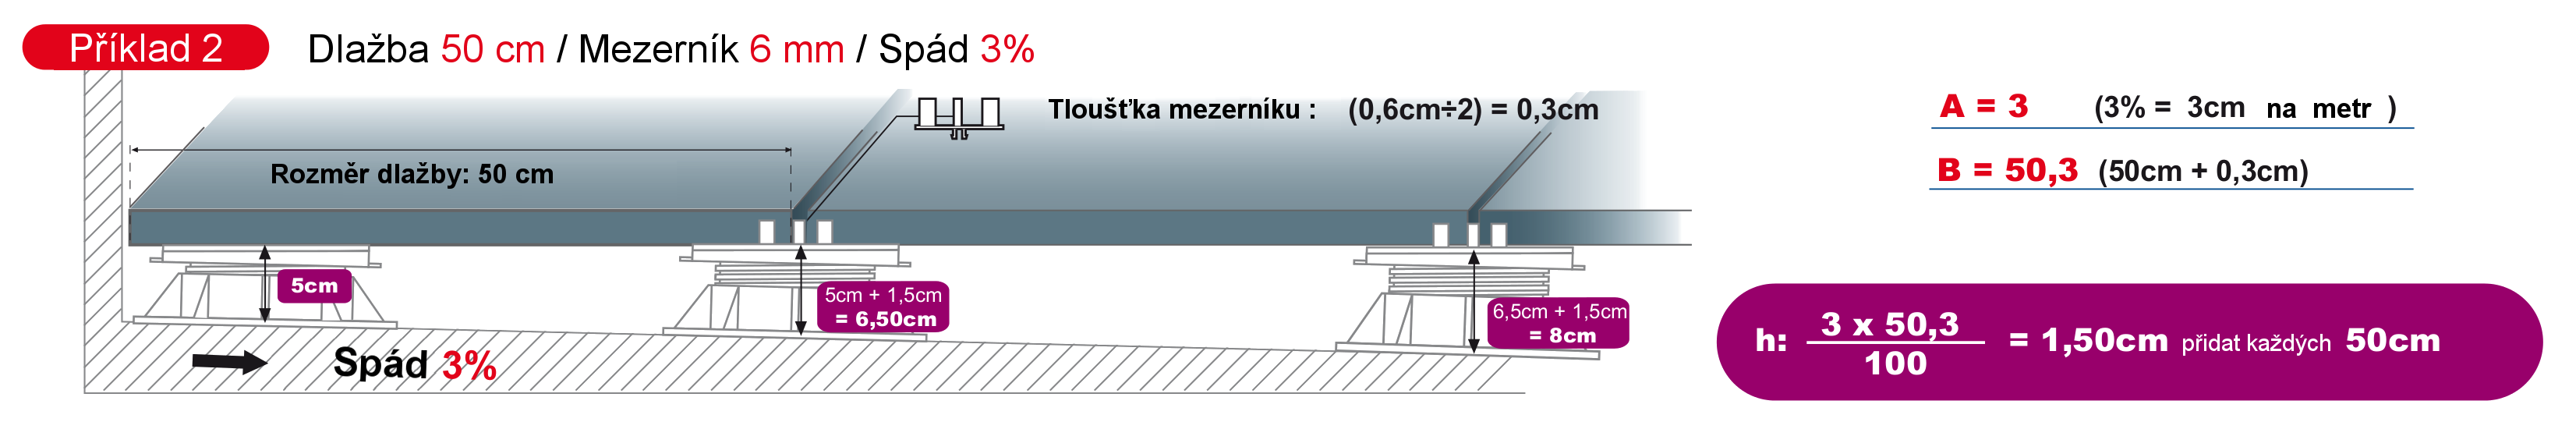 navyšování terčů pod dlažbu - příklad 2